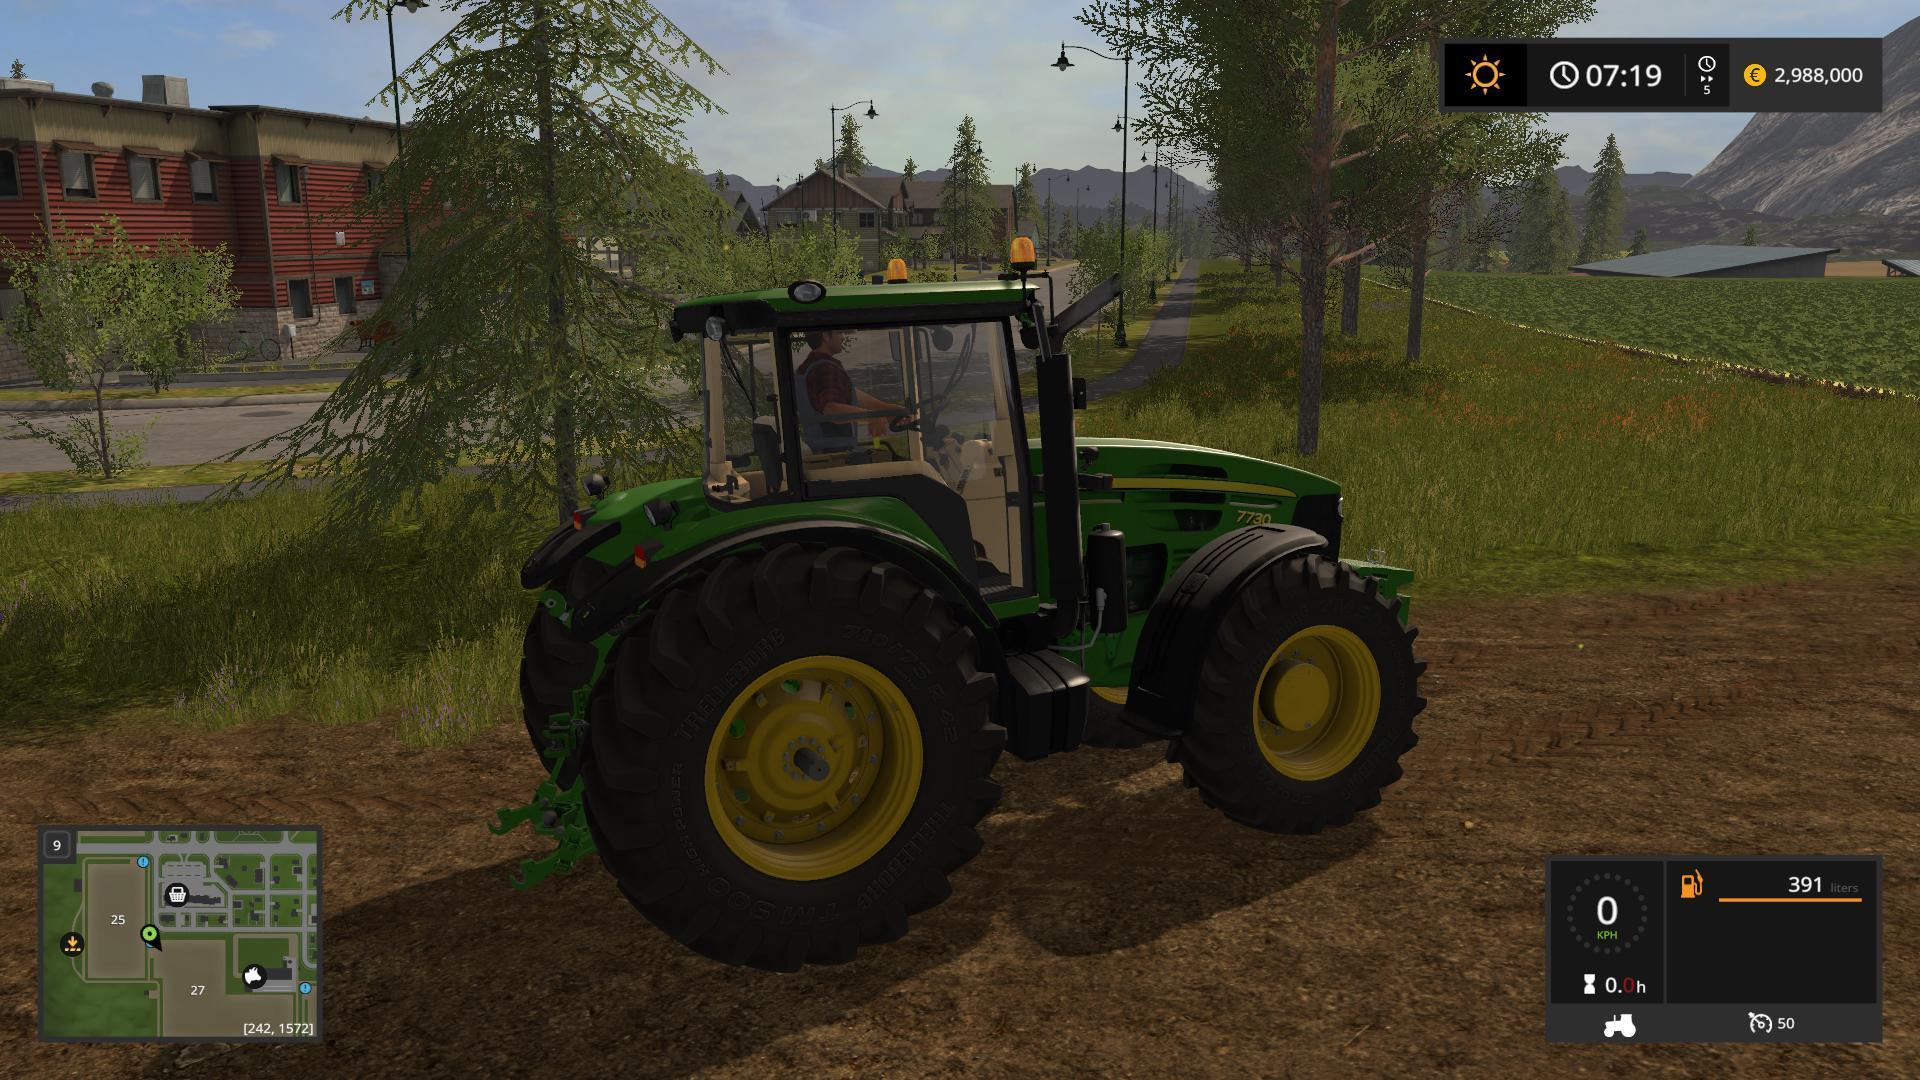 John Deere 7030 Series v2.2.2.0